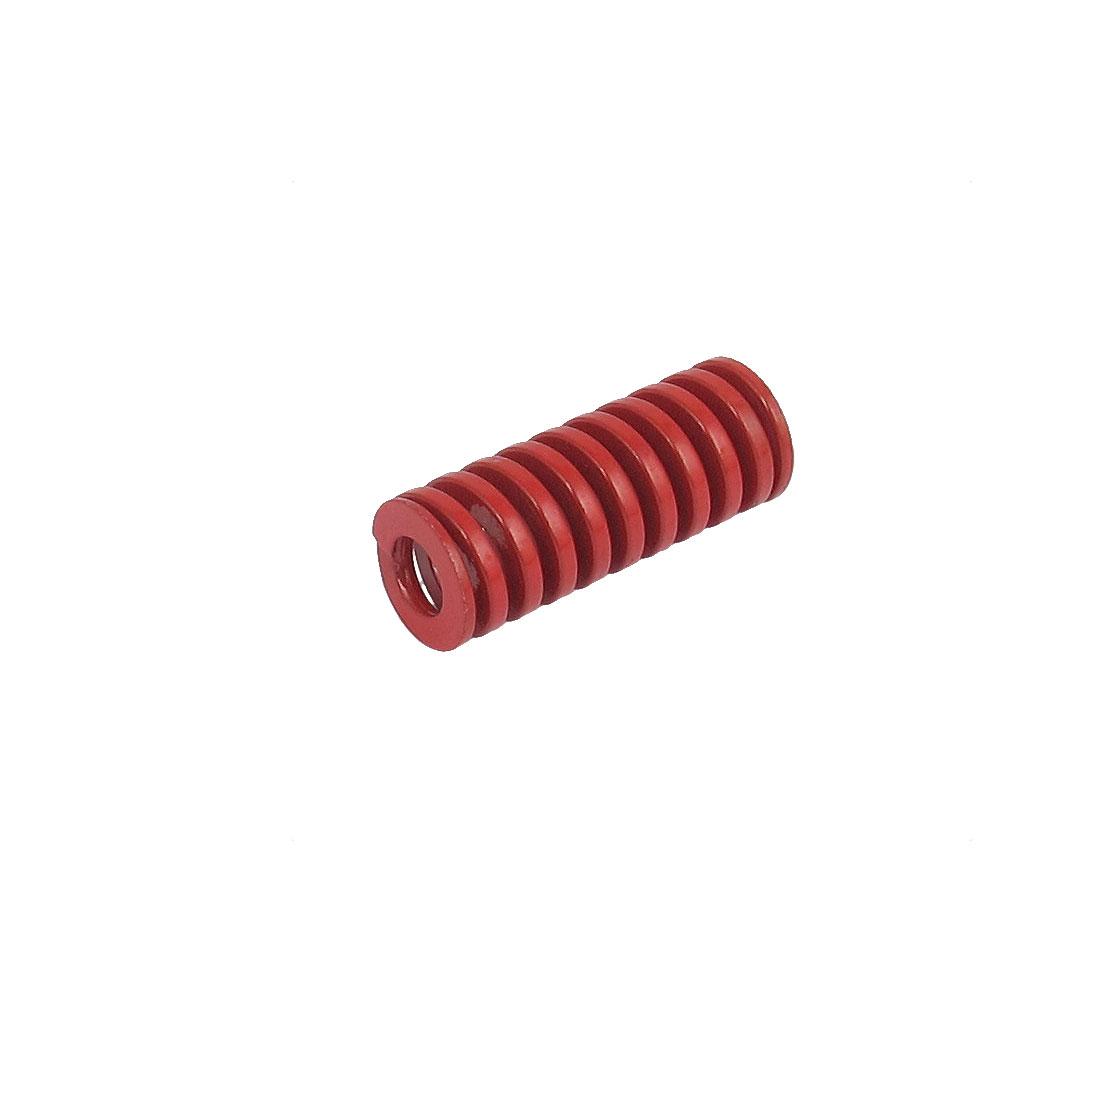 12mmx30mm Chromium Alloy Steel Medium Load Die Spring Red